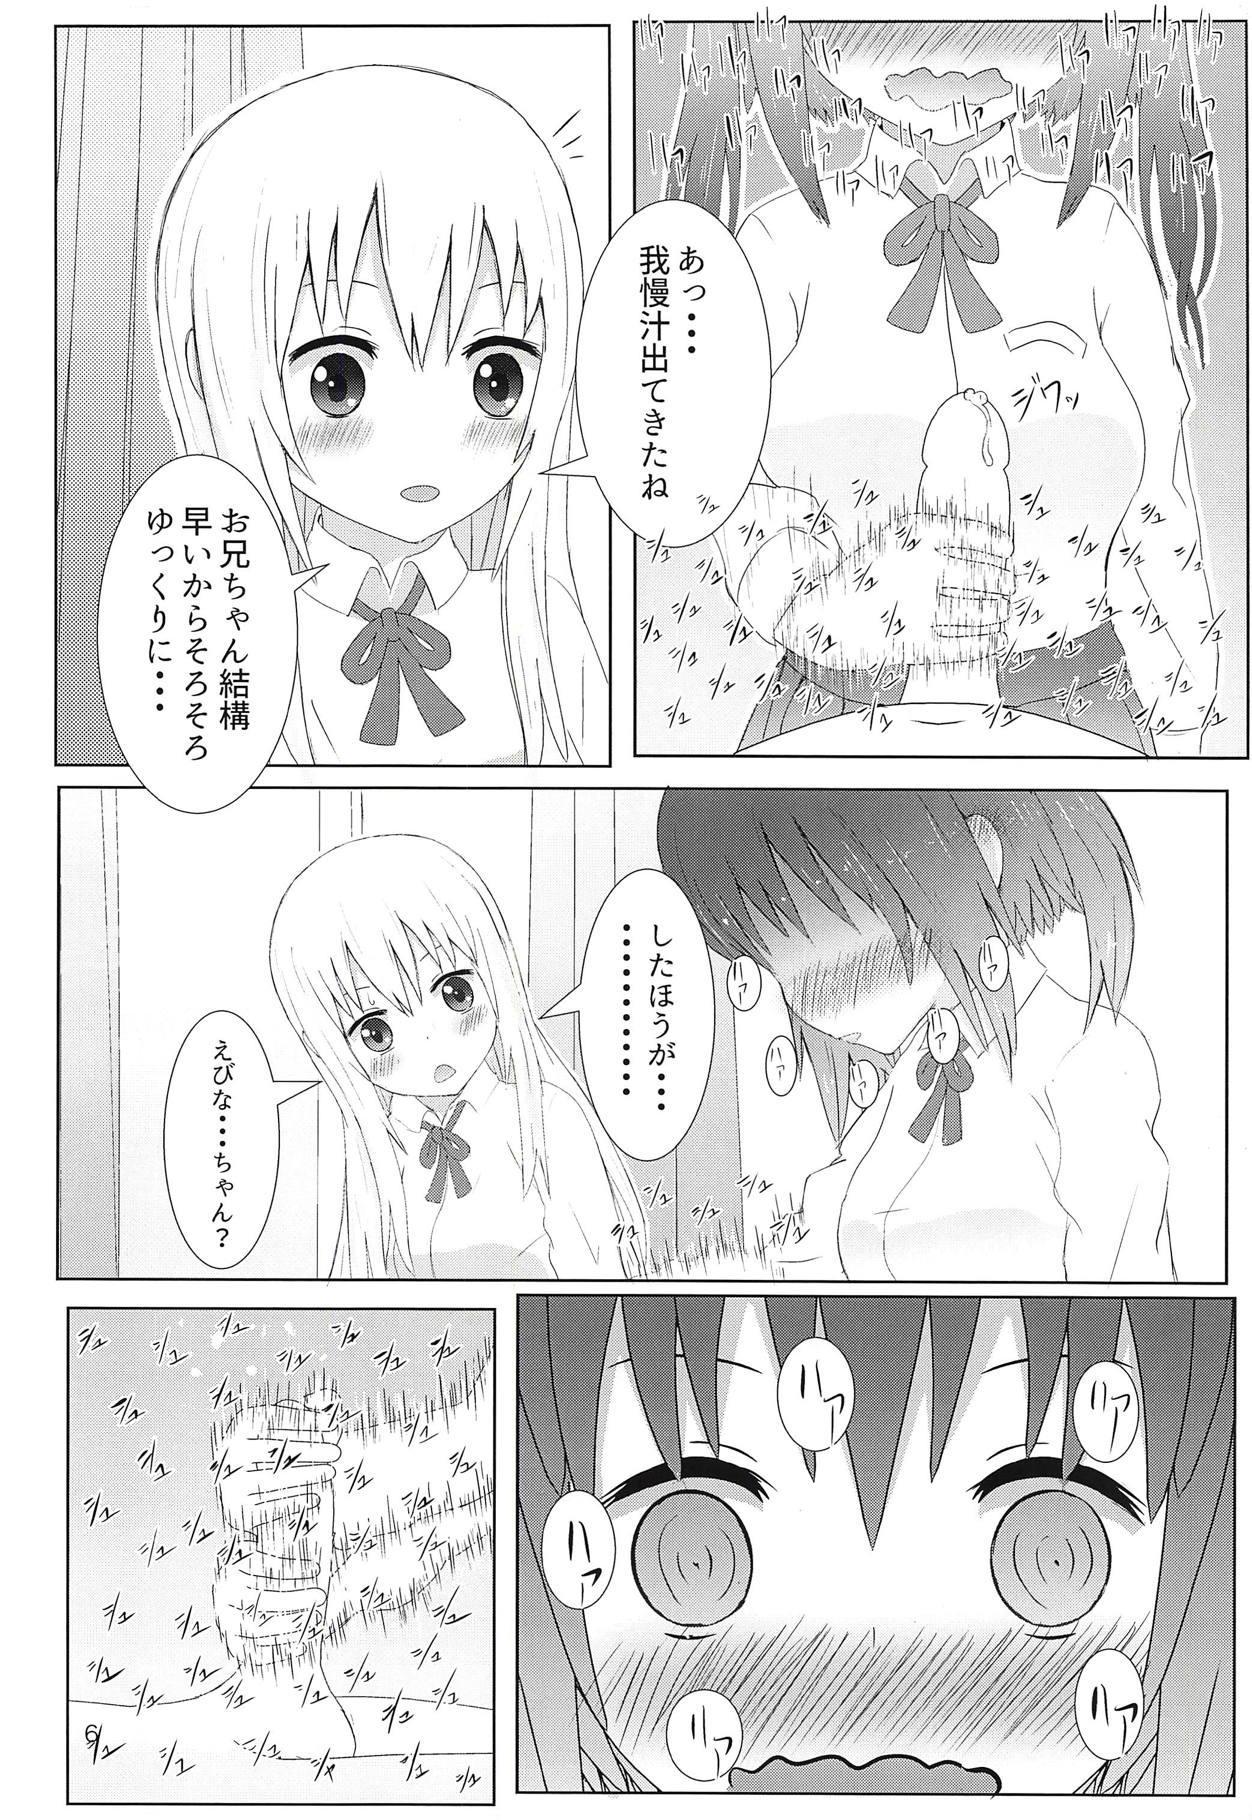 (C89) [TOFU SOFT (Sakakibara Keisuke)] Ebina-chan to Umaru-chan  to Onii-chan to Zenpen (Himouto! Umaru-chan) 4